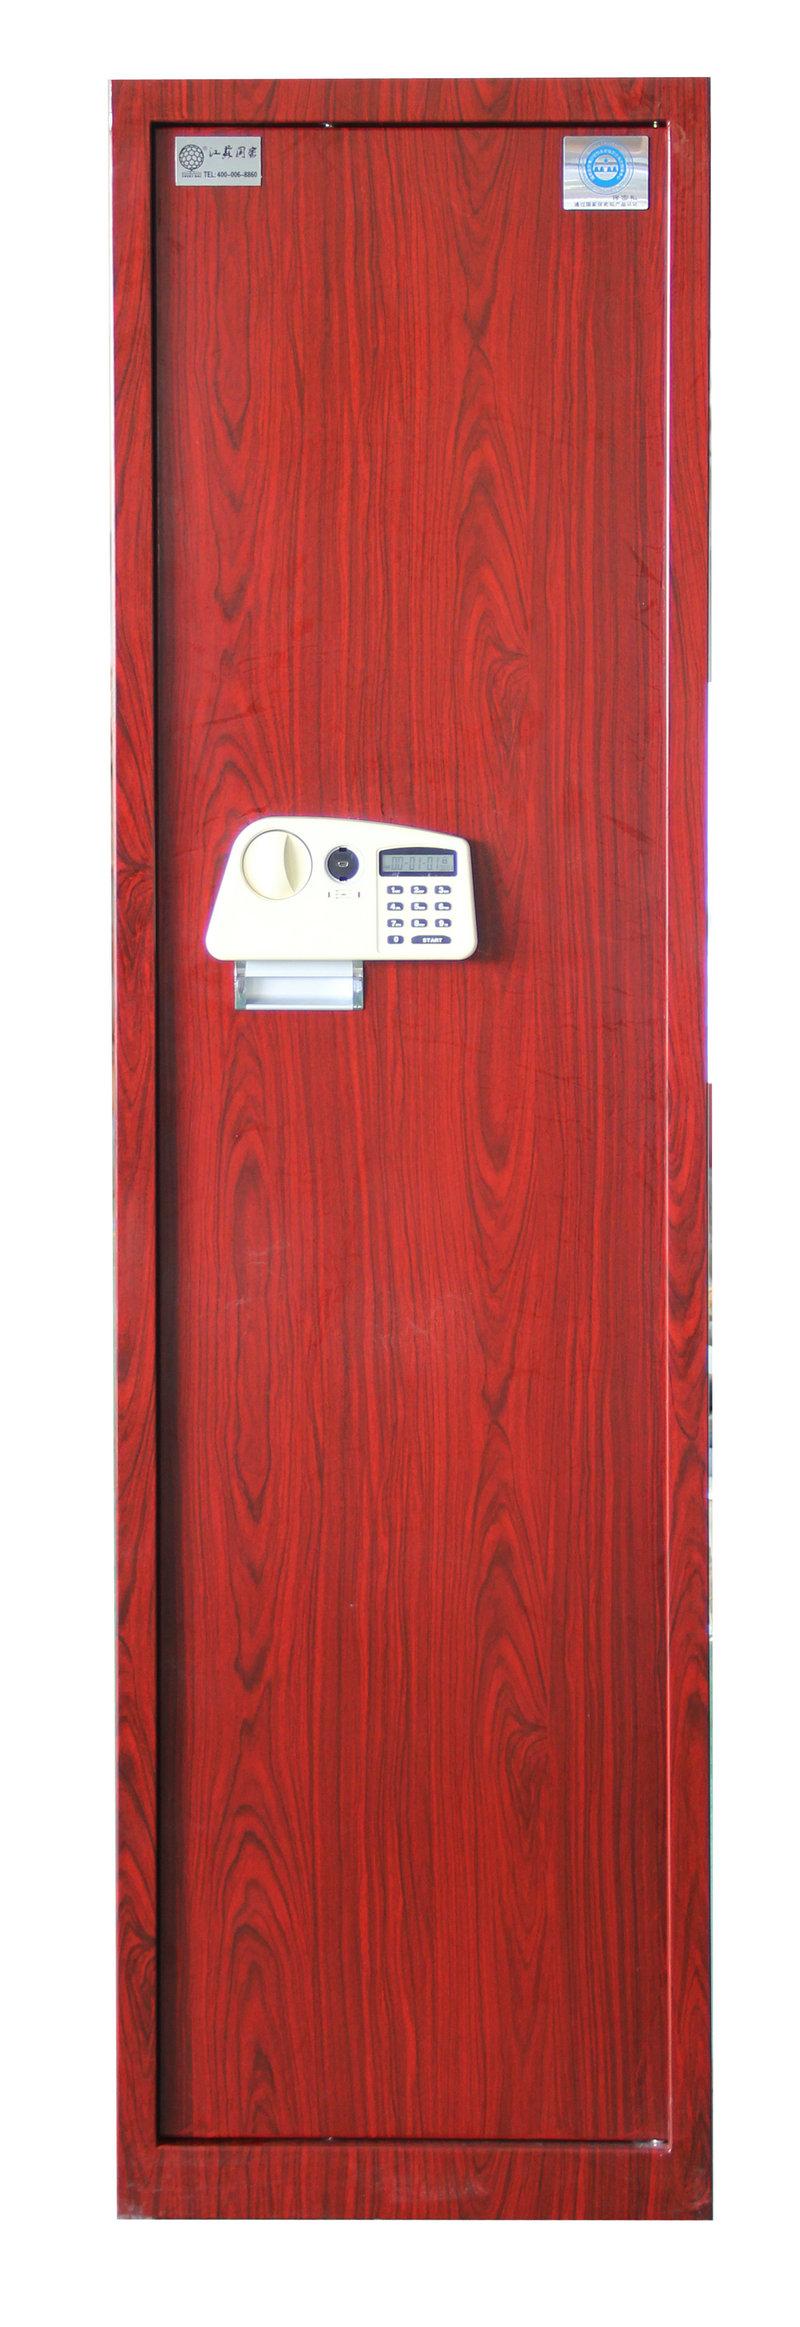 电子保密柜(木纹色)